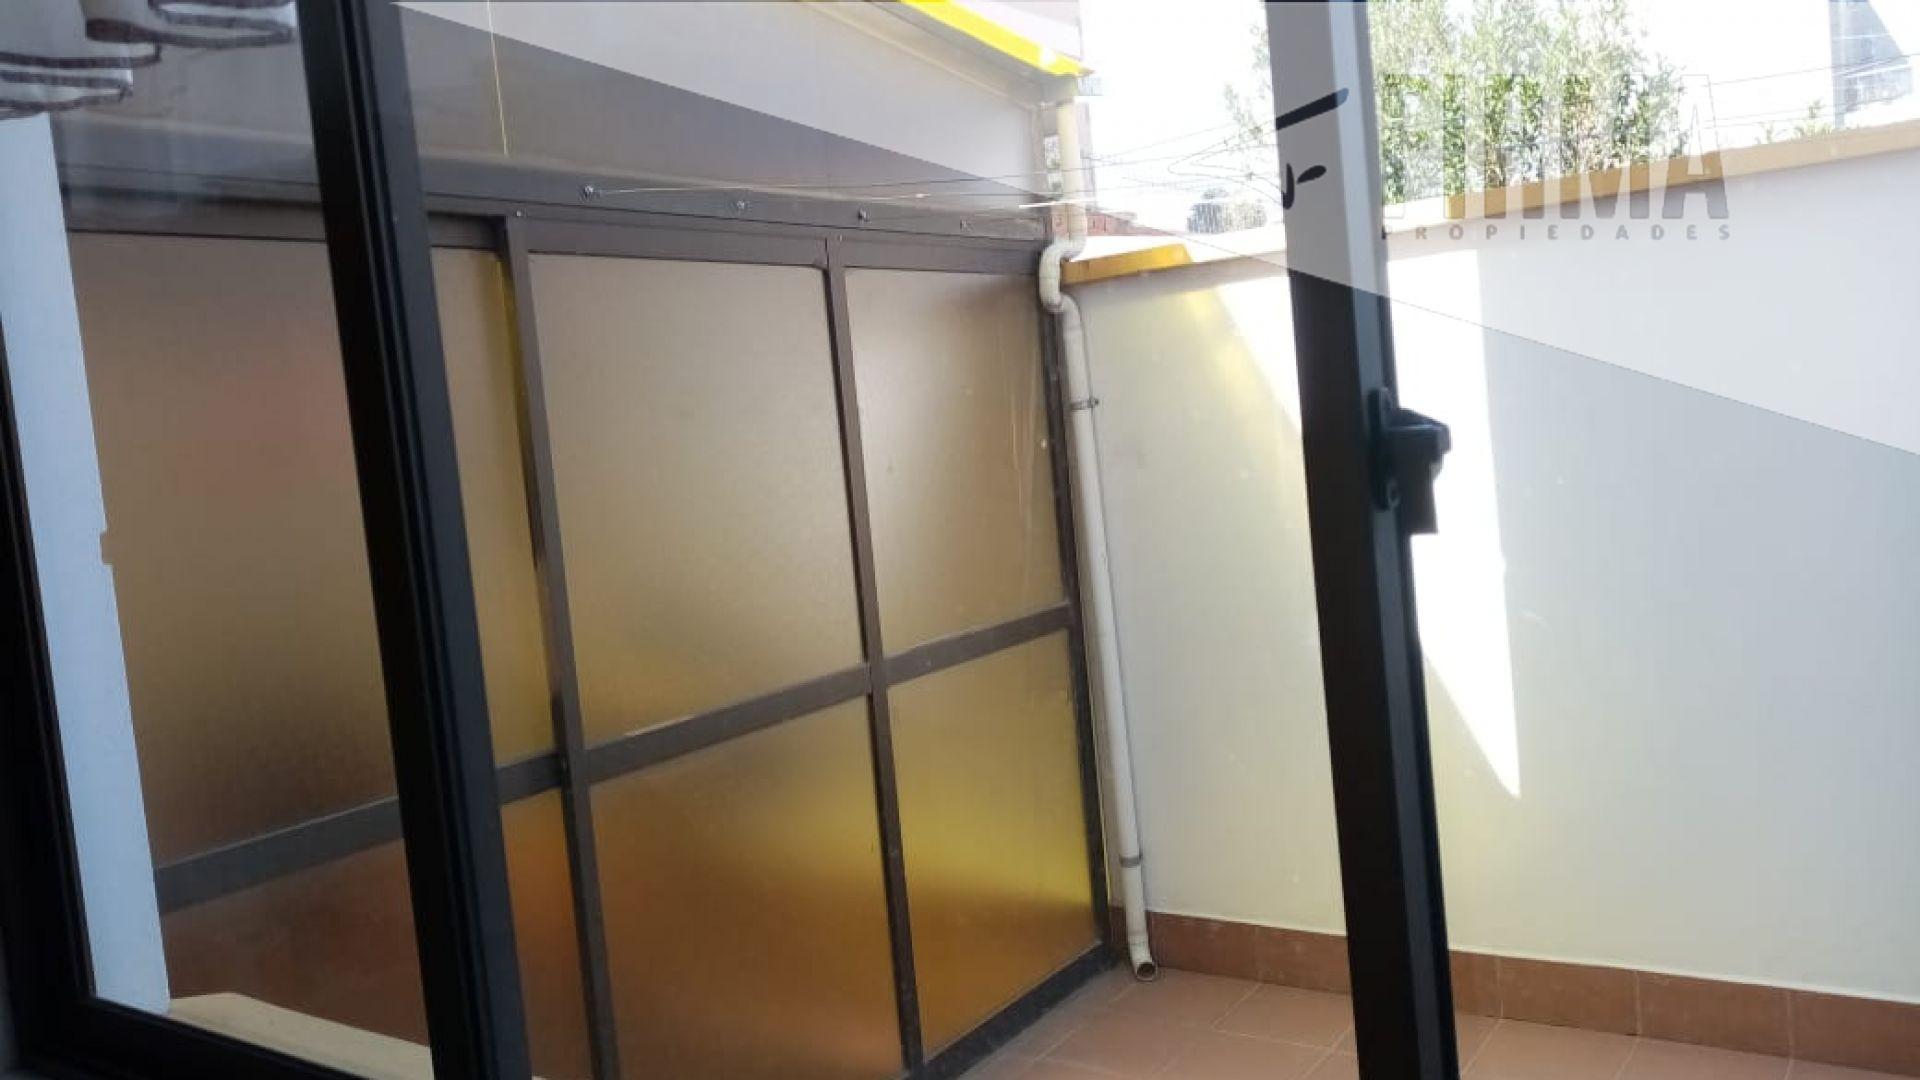 Departamento en Anticretico 🏢 Dúplex en Irpavi, calle 15 Foto 5